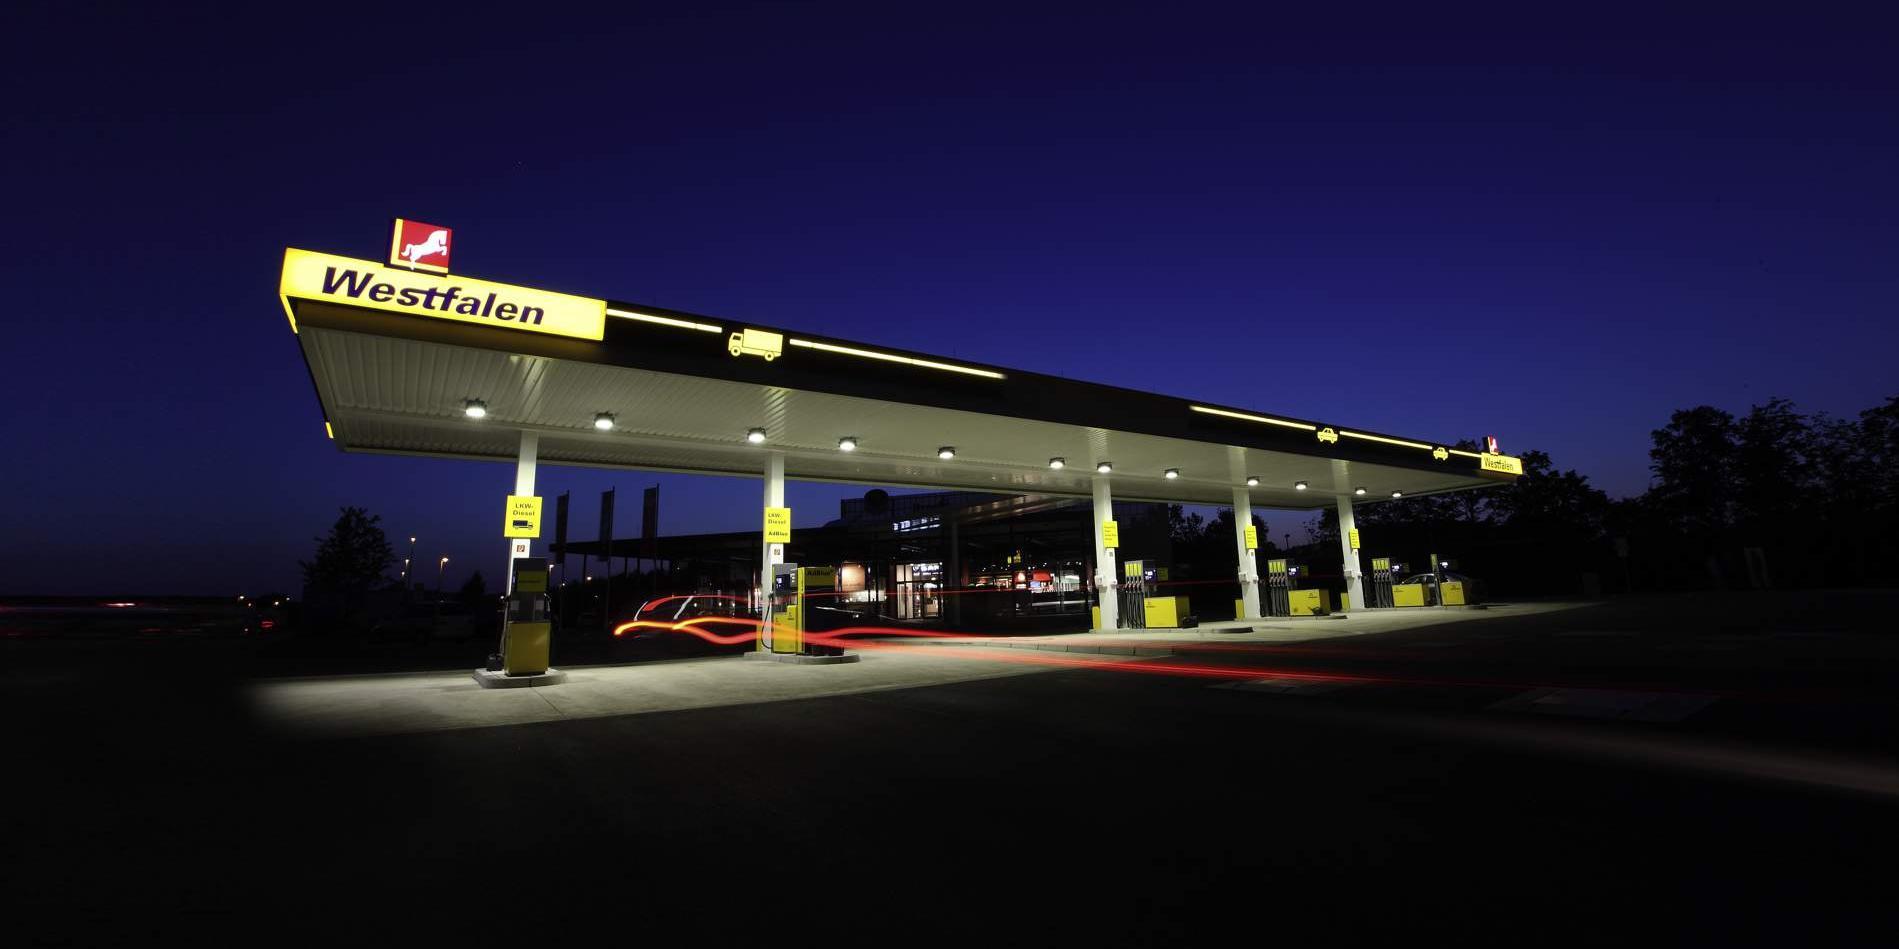 Tankstellen Preise In Der Nähe